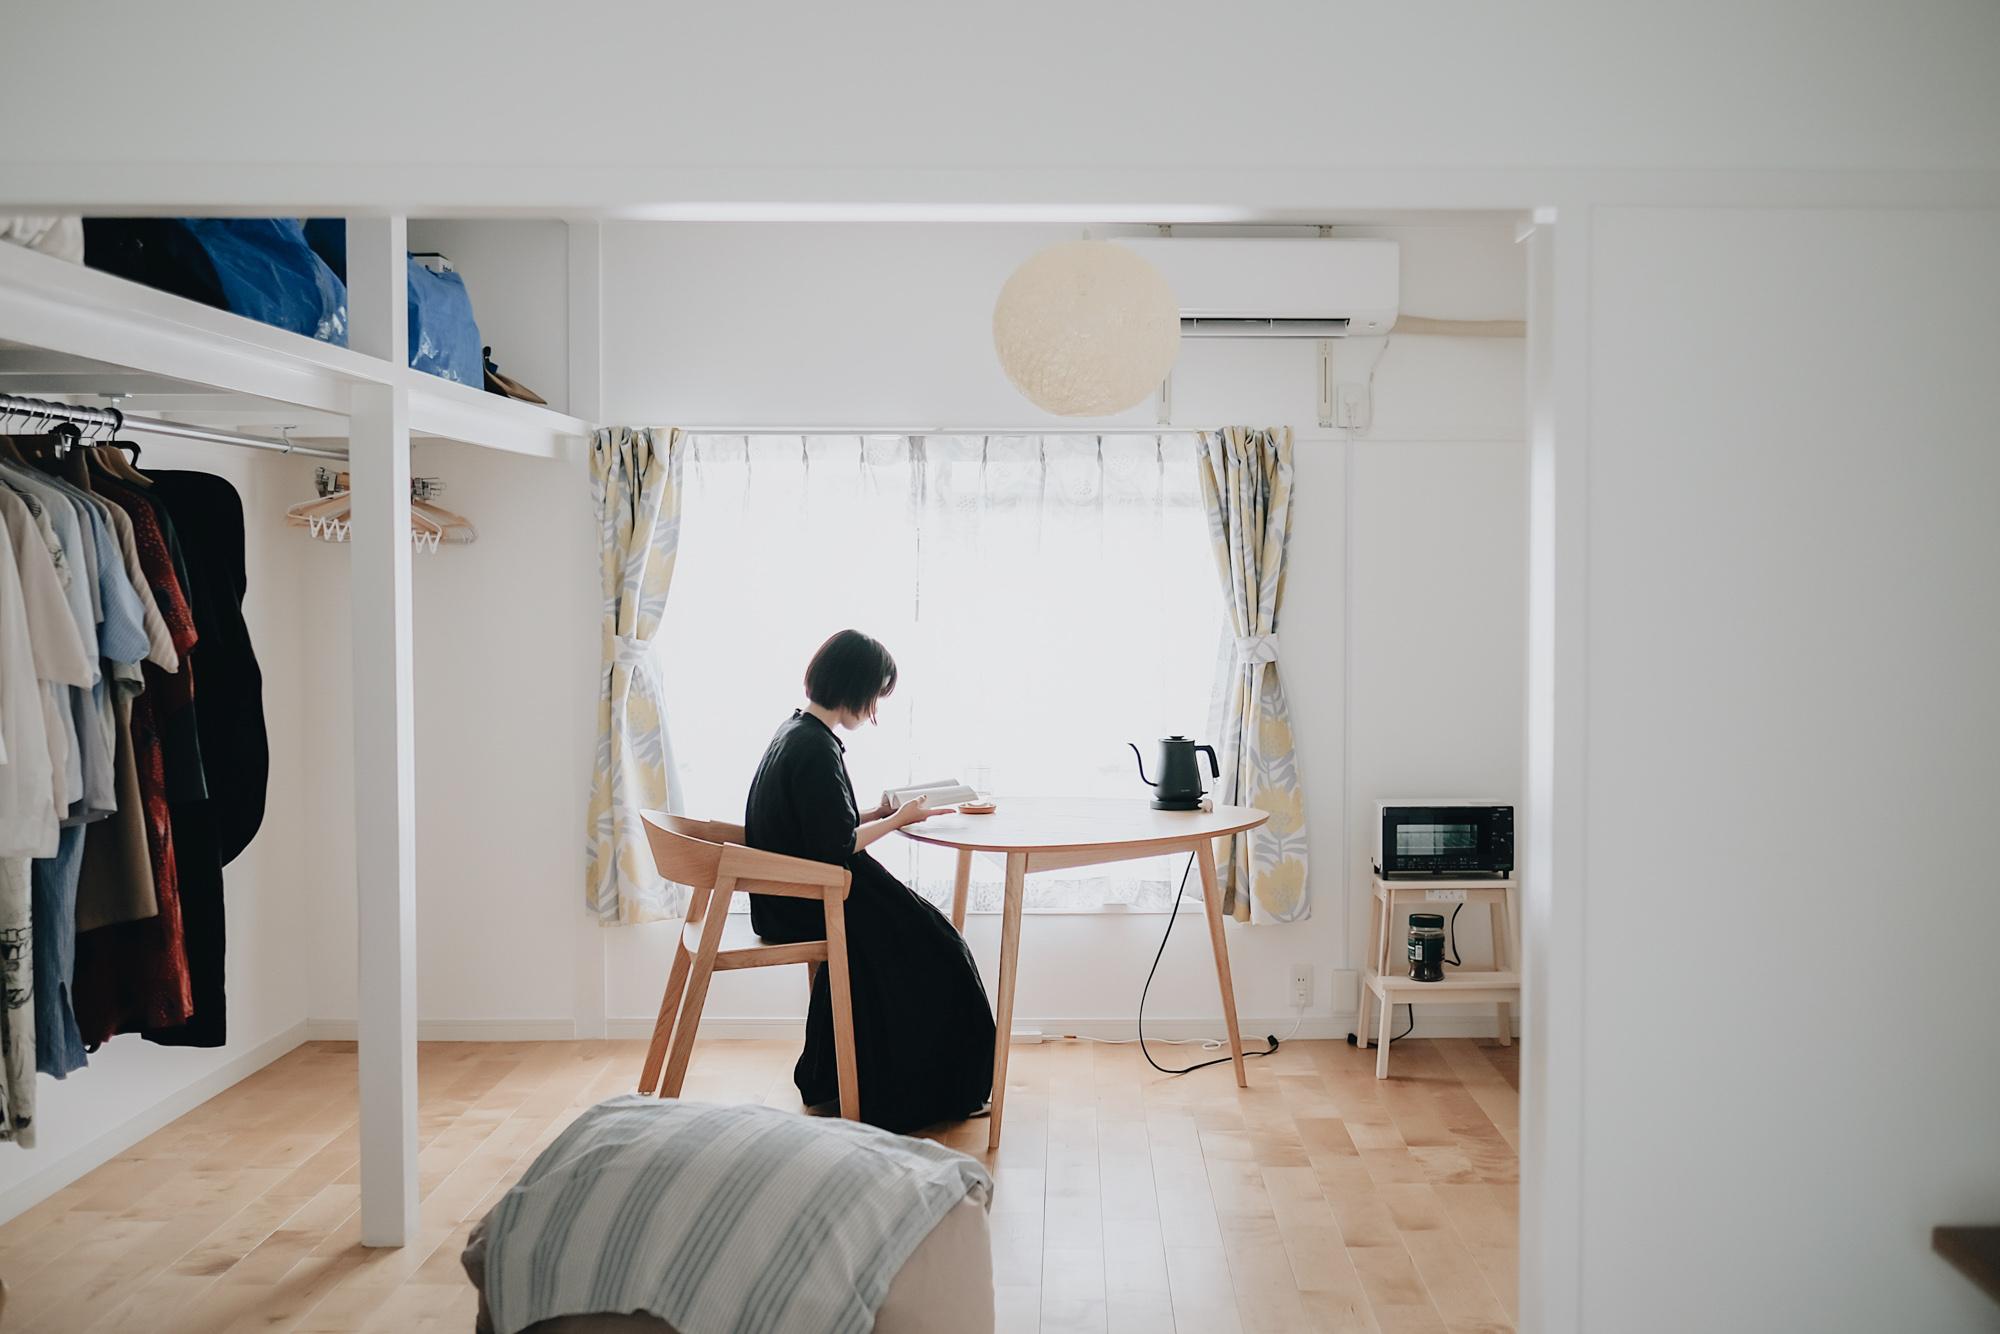 高台にある団地の1室にお住まいのkannaさん。 ご実家を出て、初めての一人暮らしを始められたばかりのお部屋は、goodroom オリジナルリノベーション賃貸「TOMOS(トモス)」のお部屋です。